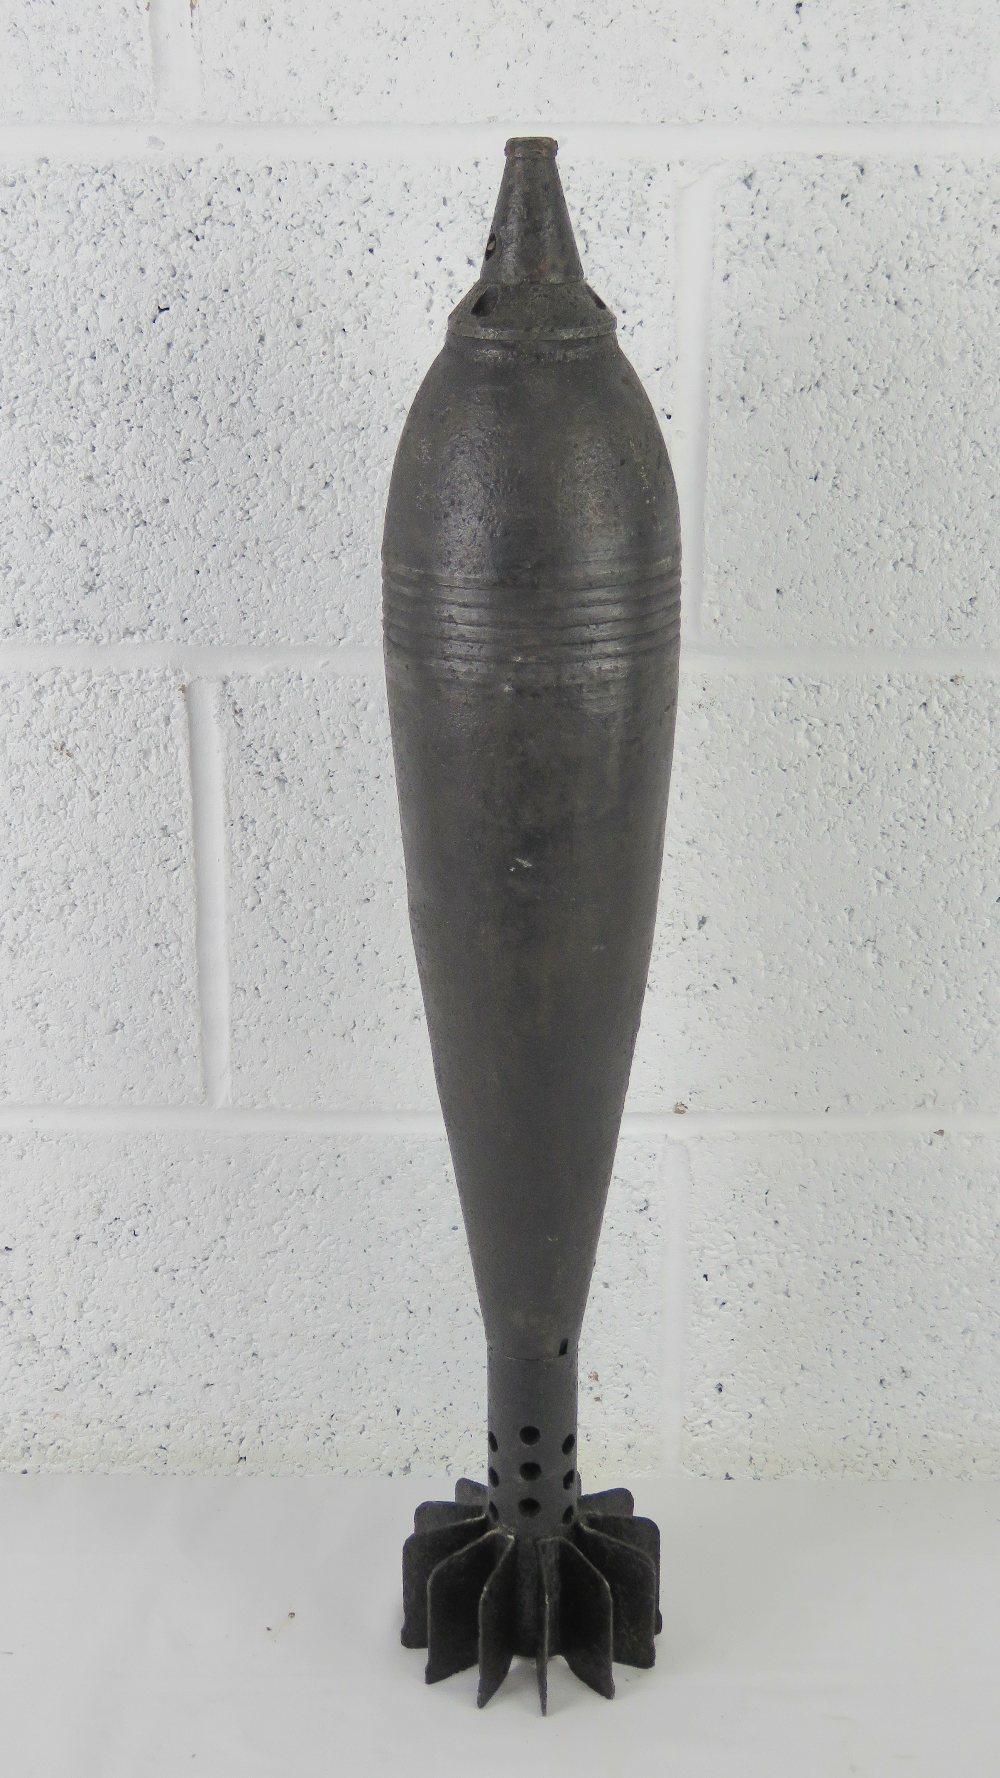 A WWII Russian 107mm inert mortar shell.